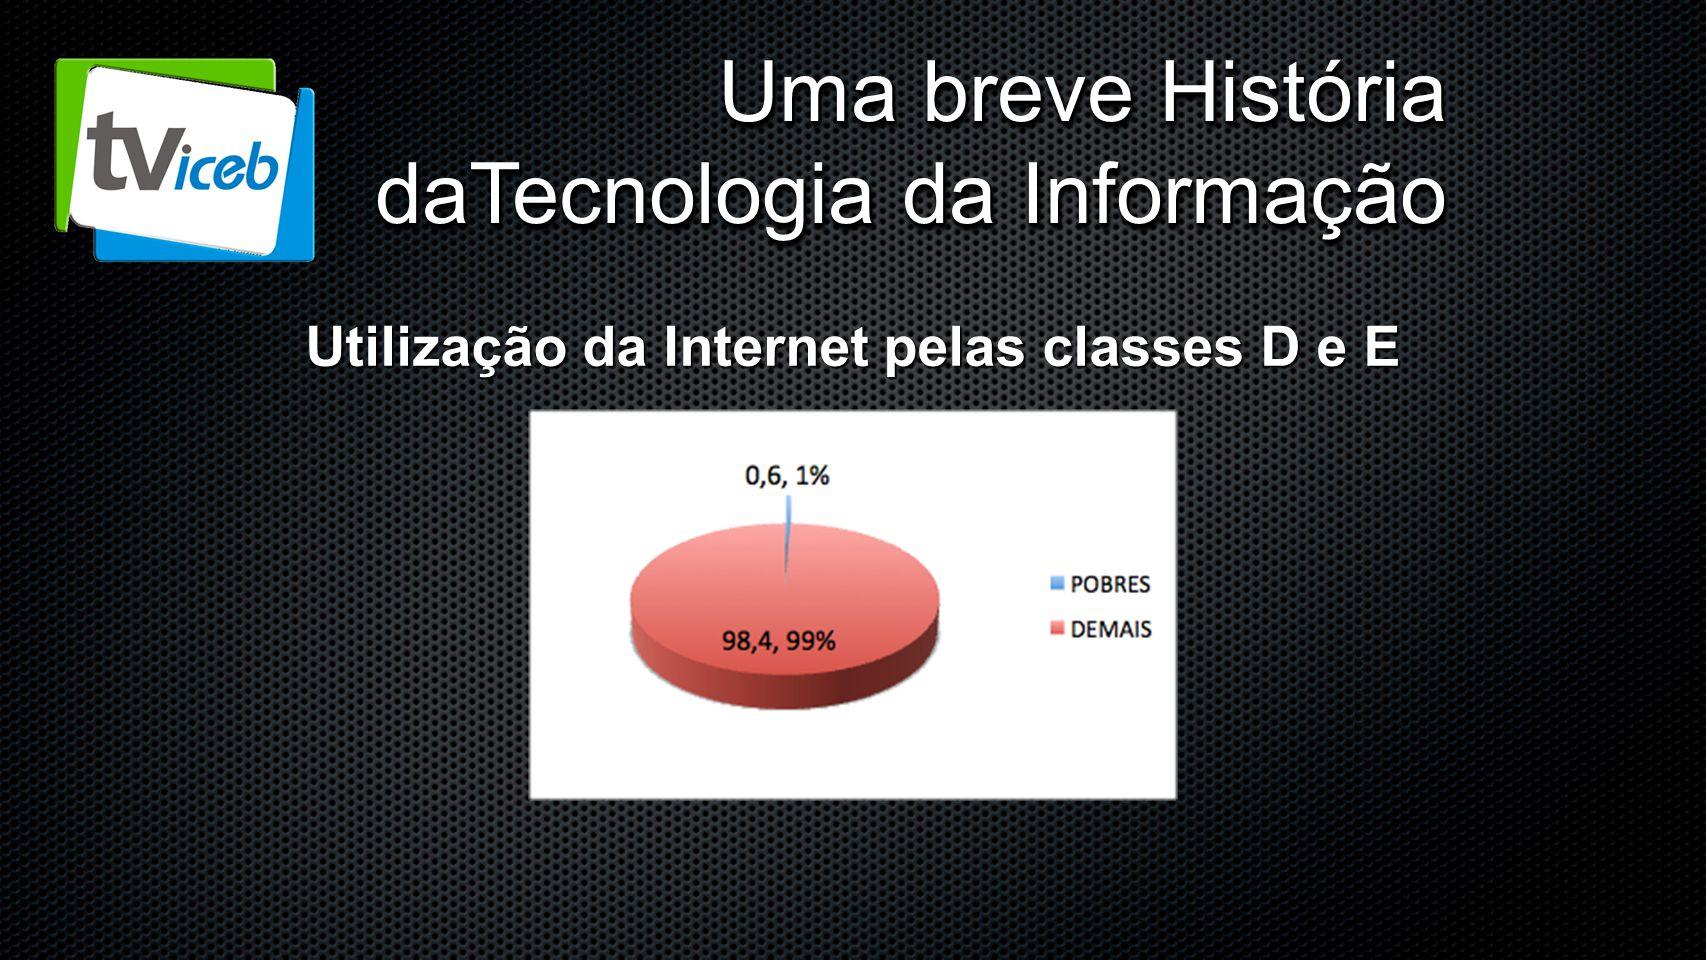 Utilização da Internet pelas classes D e E